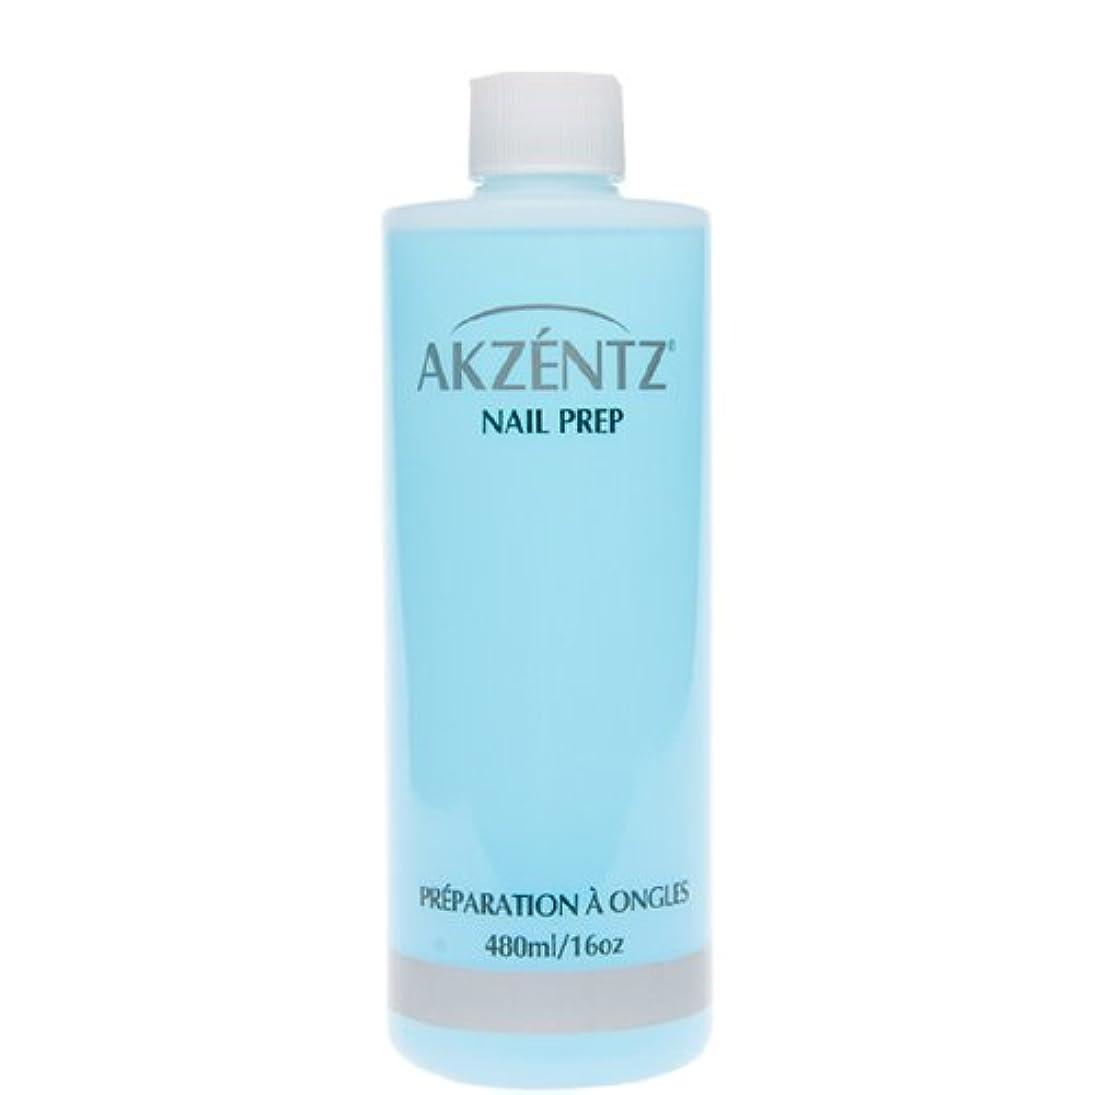 部屋を掃除する出します却下するアクセンツ(AKZENTZ) ネイルプレップ 480ml